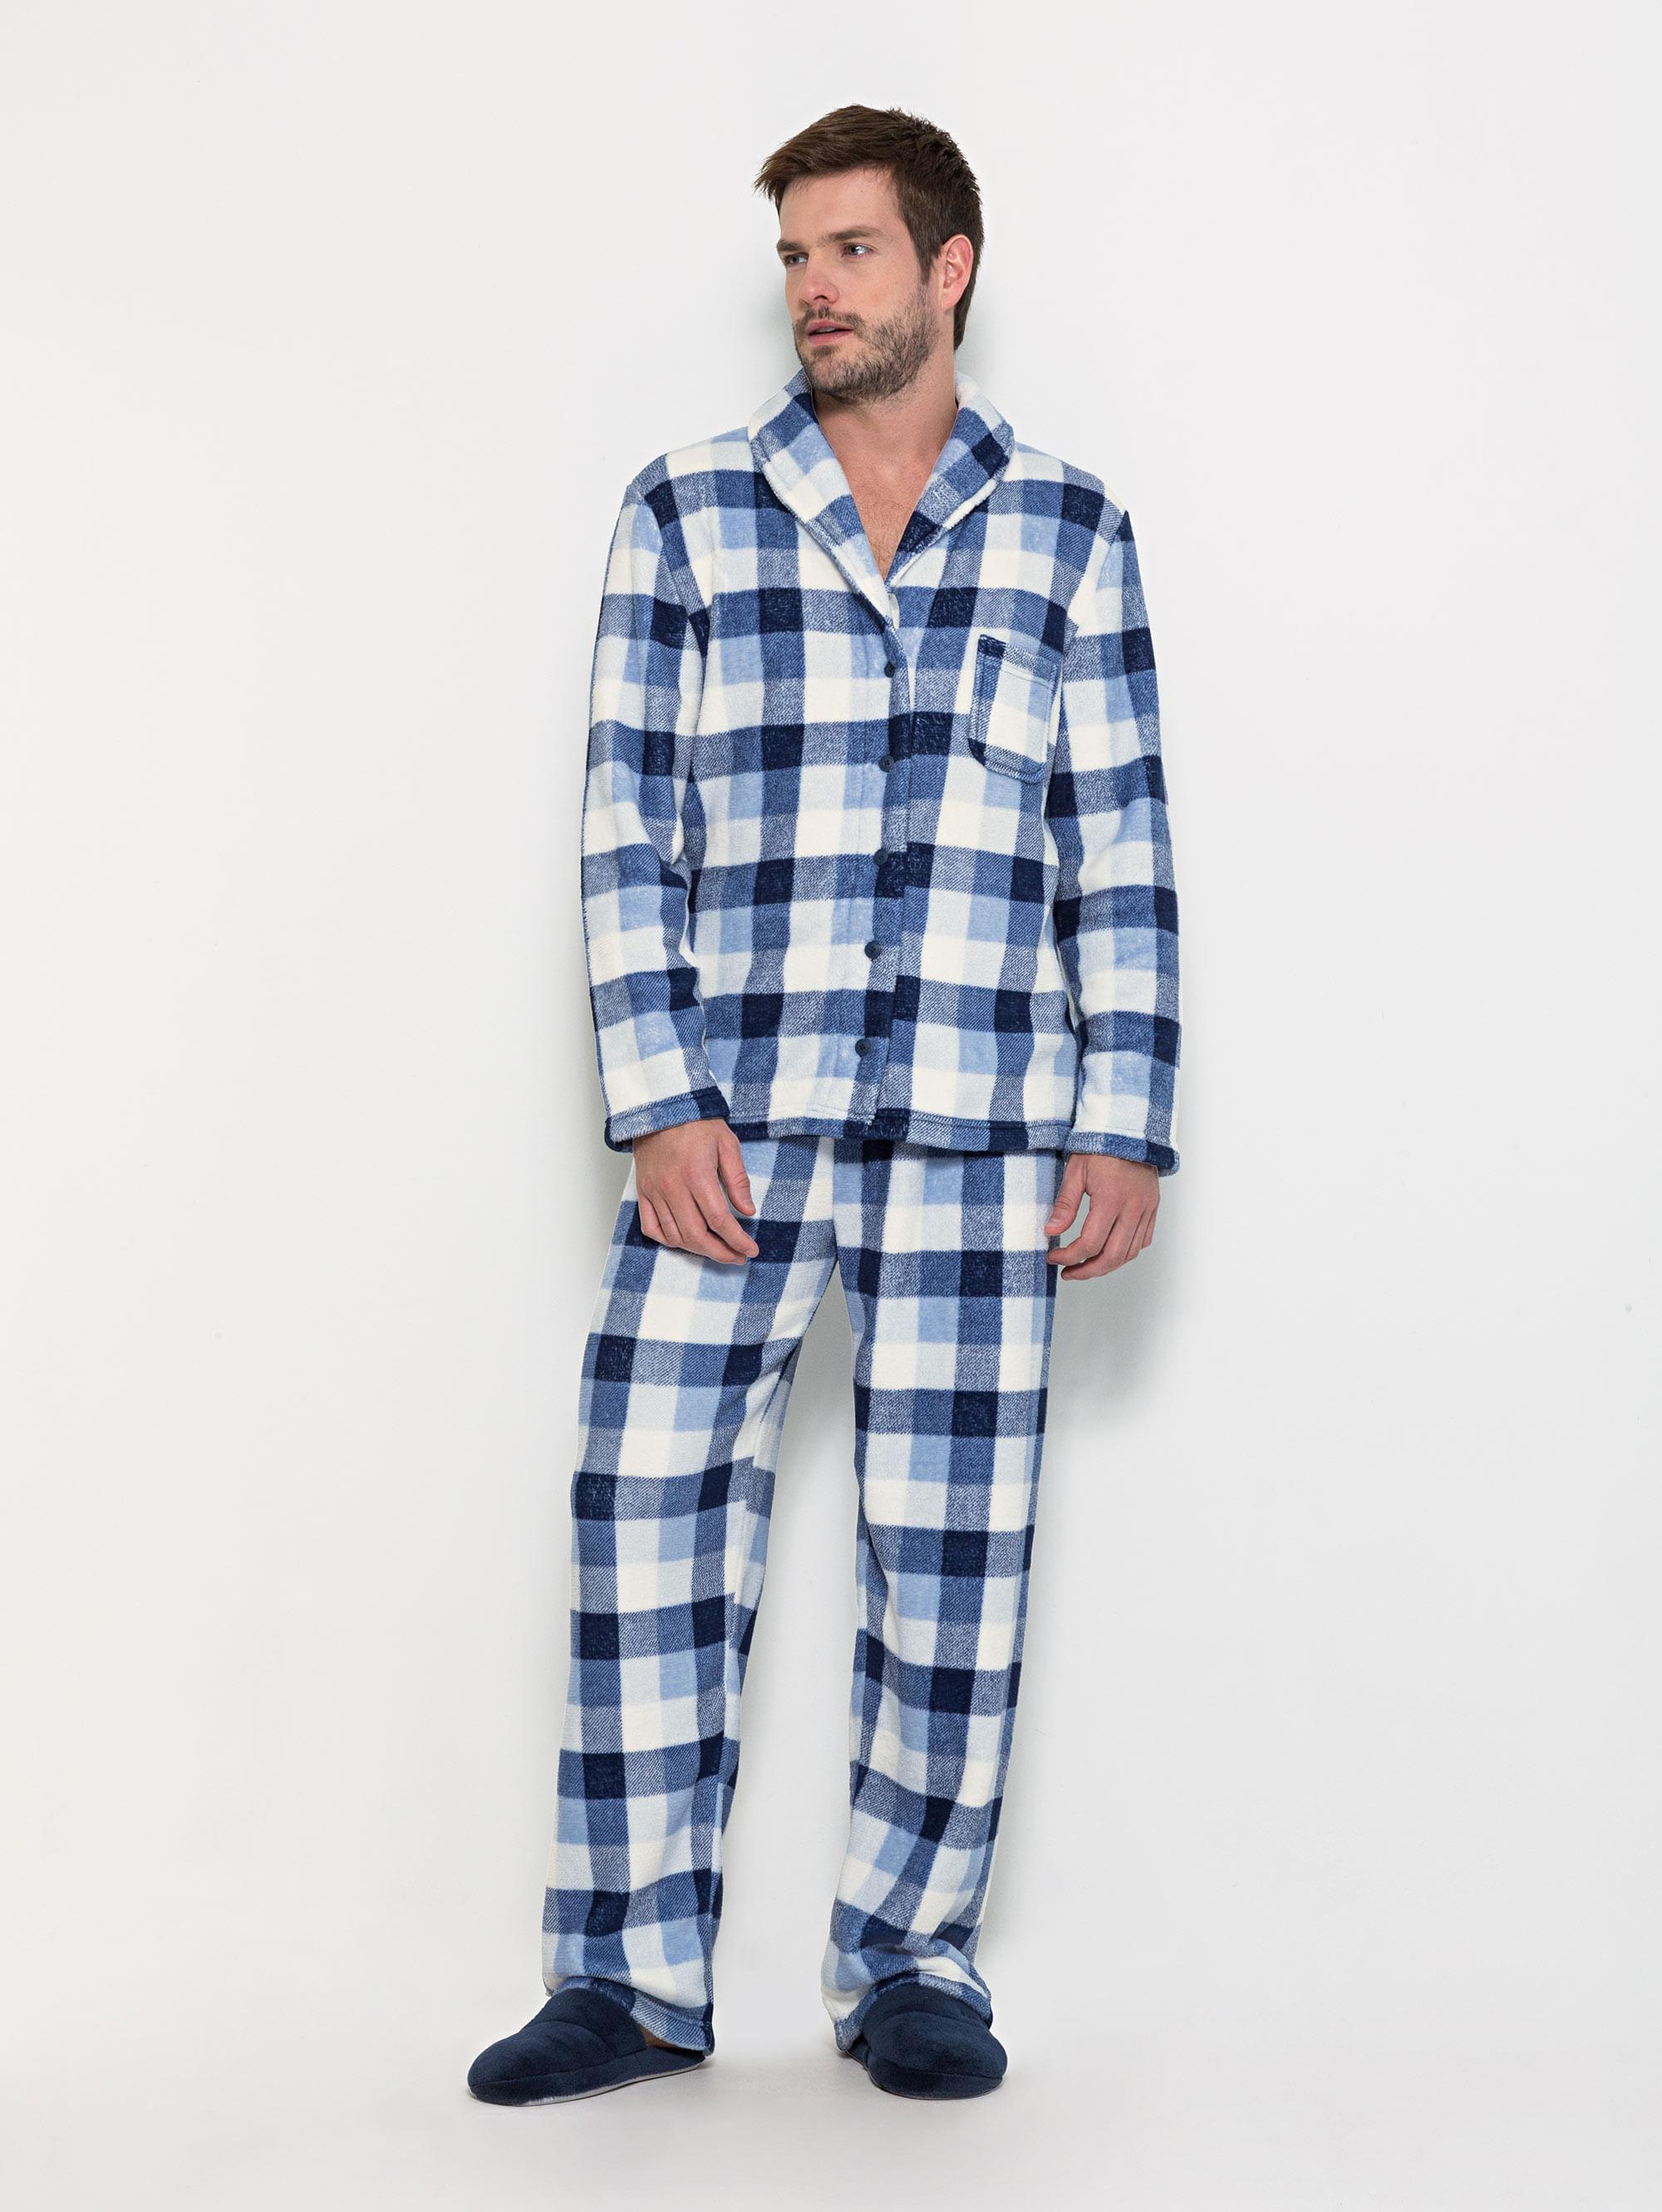 Pijama-Longo-Manga-Longa-Soft-Masculino-Montreal-04.01.1549